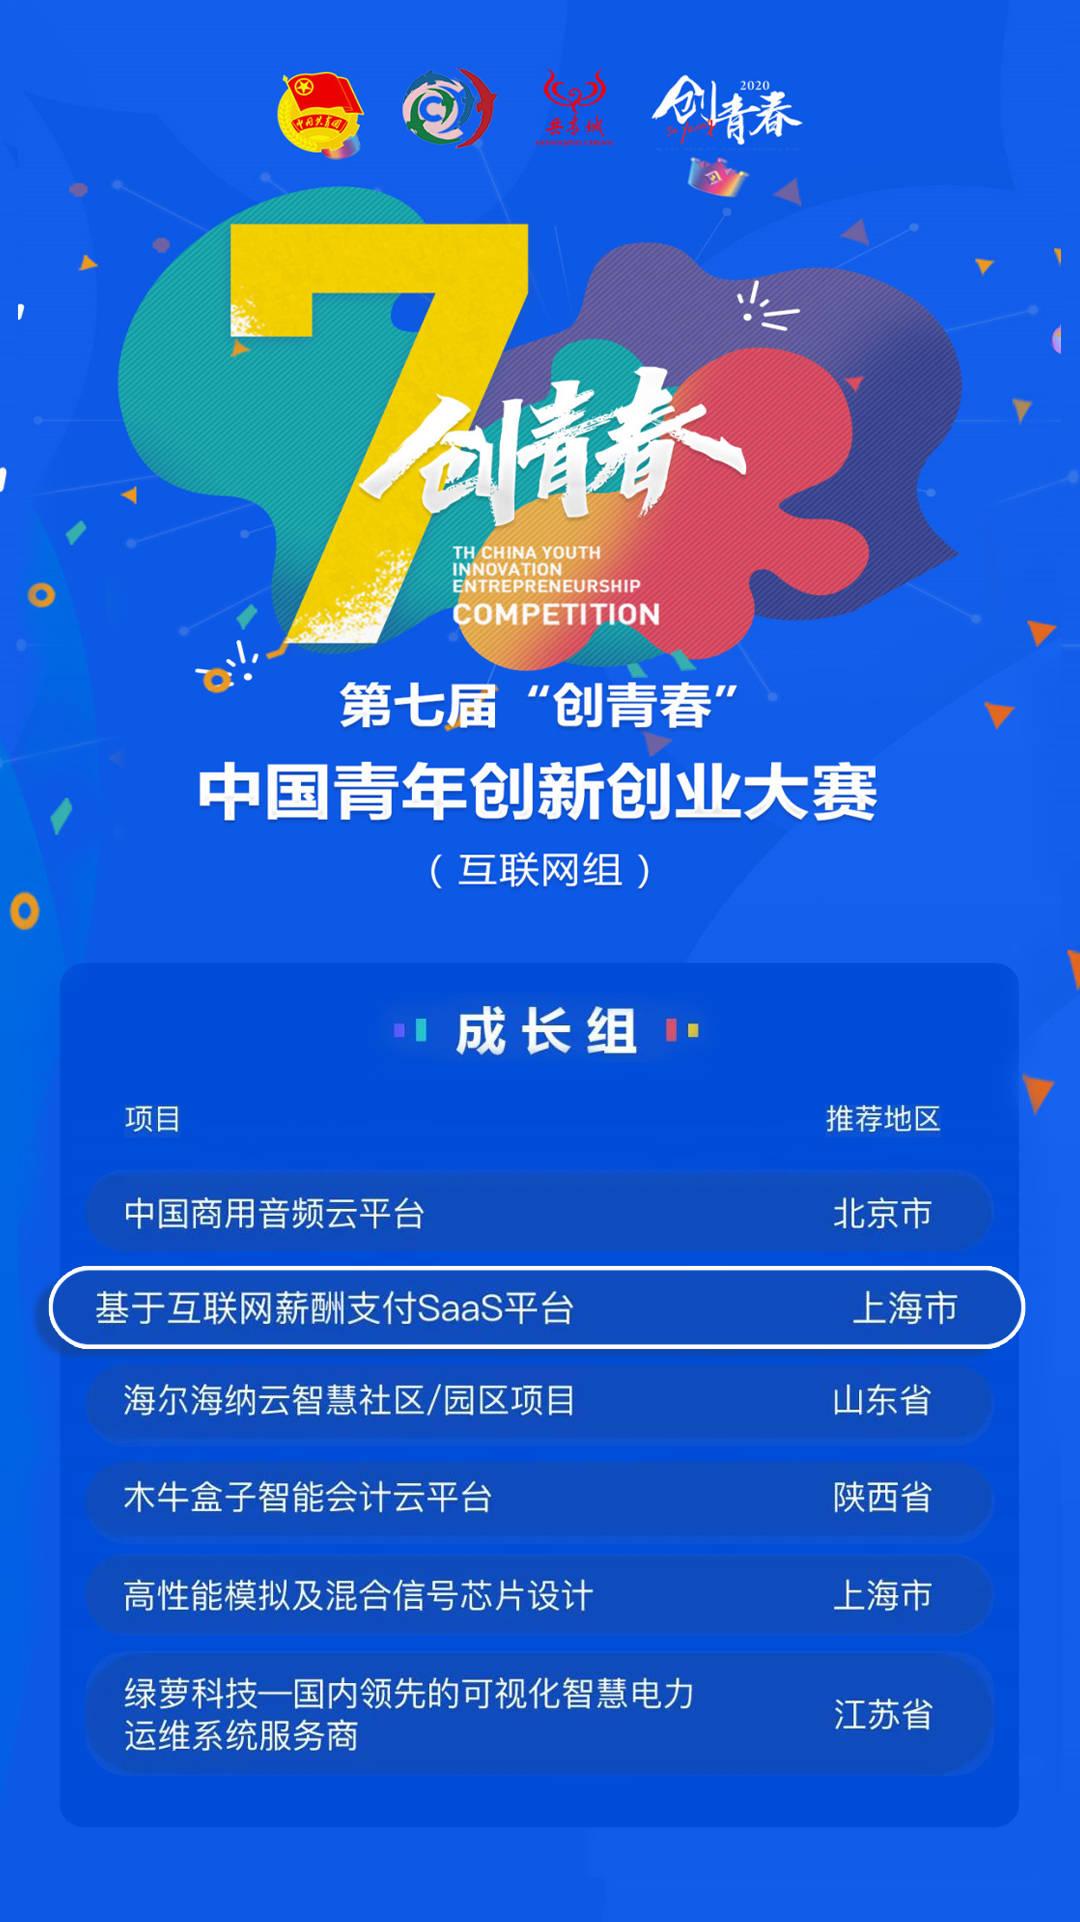 """工资太软,获得第七届""""创造青春""""中国青年创新创业大赛(互联网集团)铜奖"""